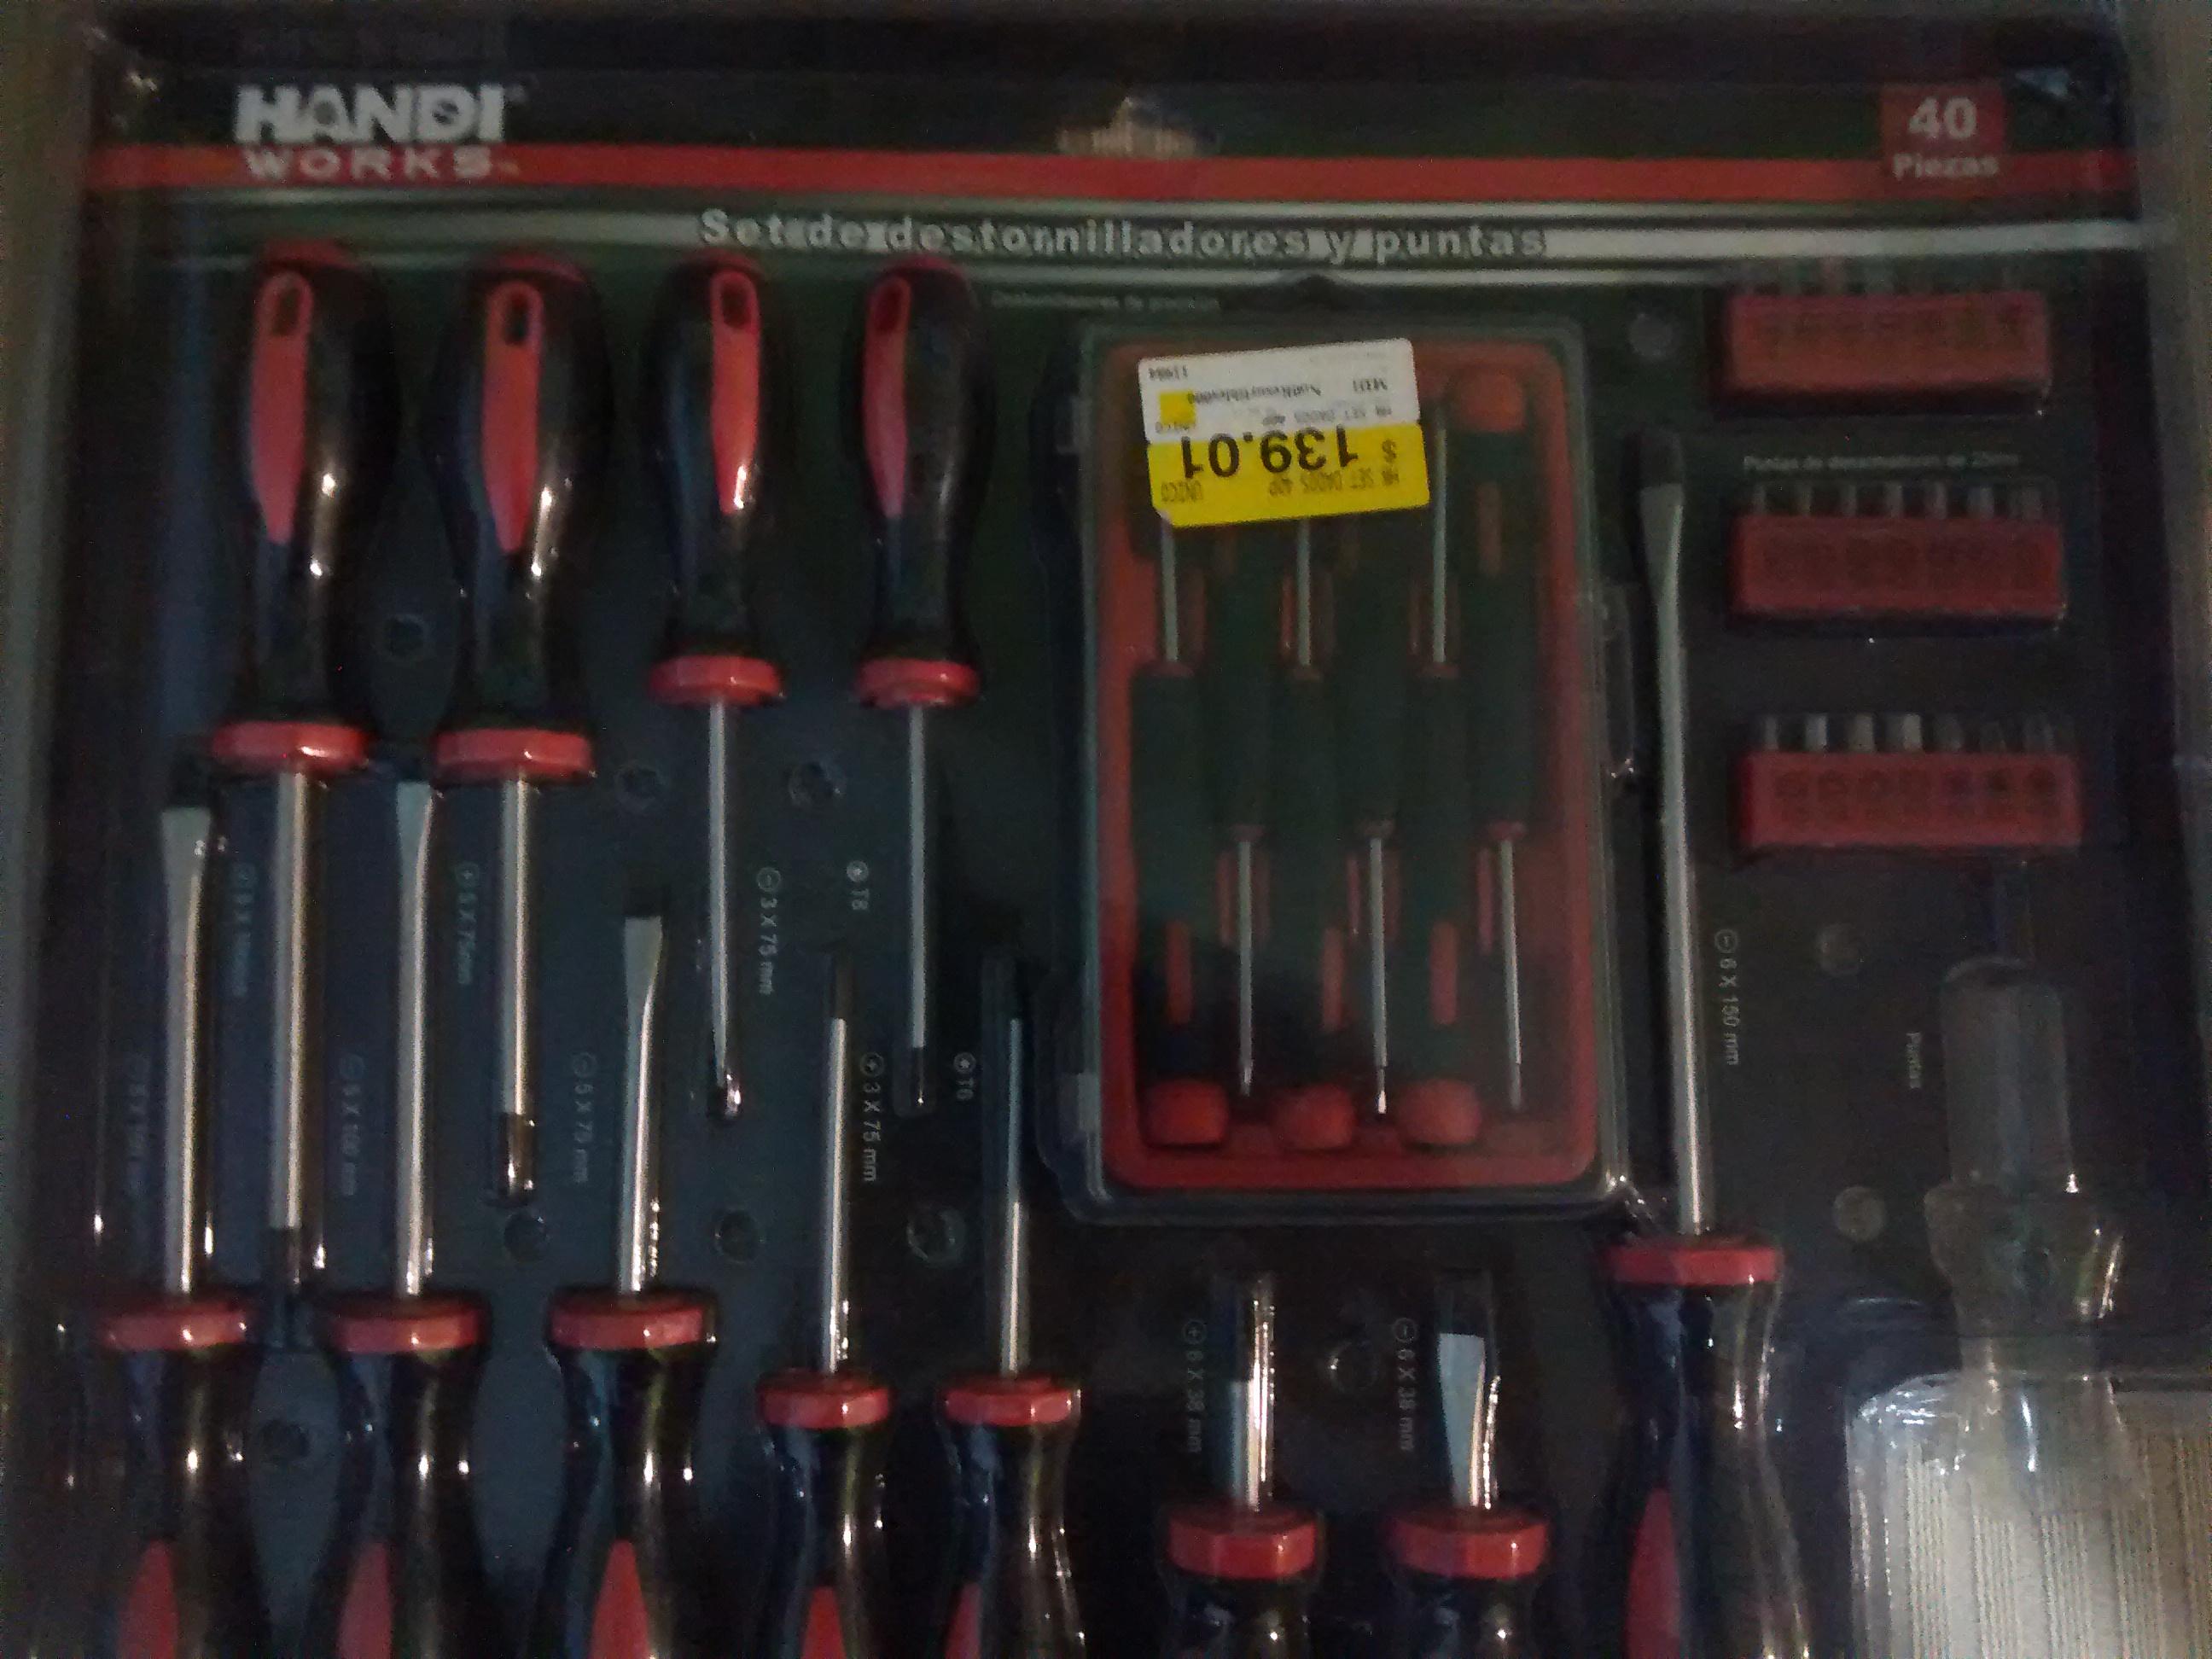 Walmart: Set de 40 Piezas de Destornilladores y Puntas a 59.03